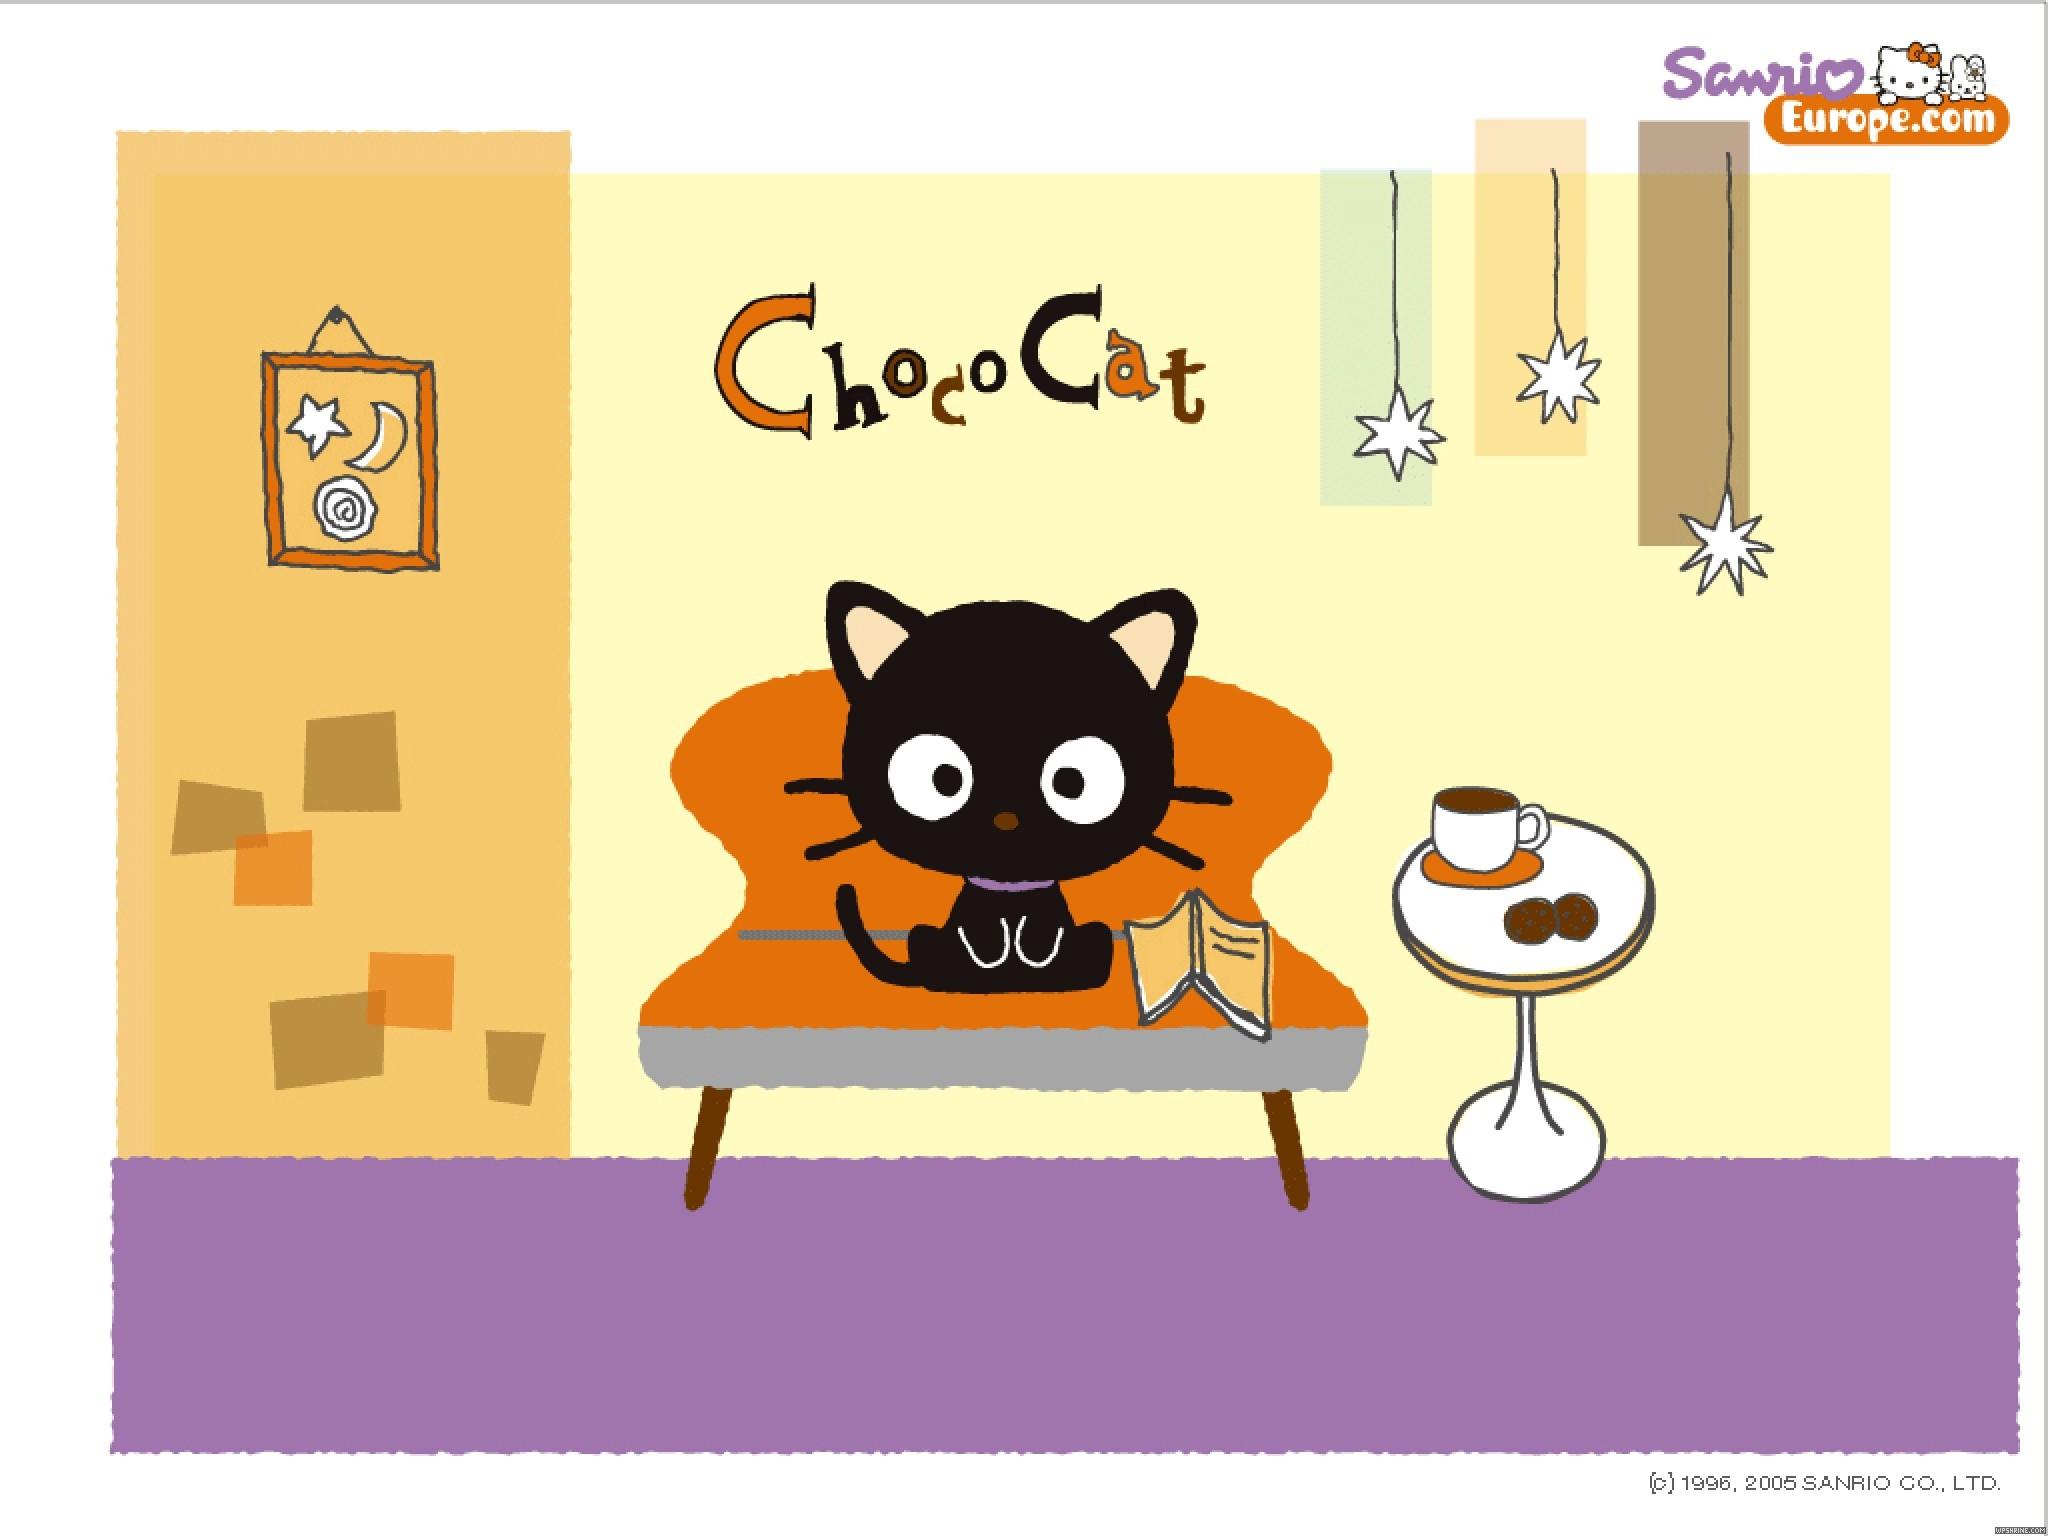 Res: 2048x1536, Choco-Cat